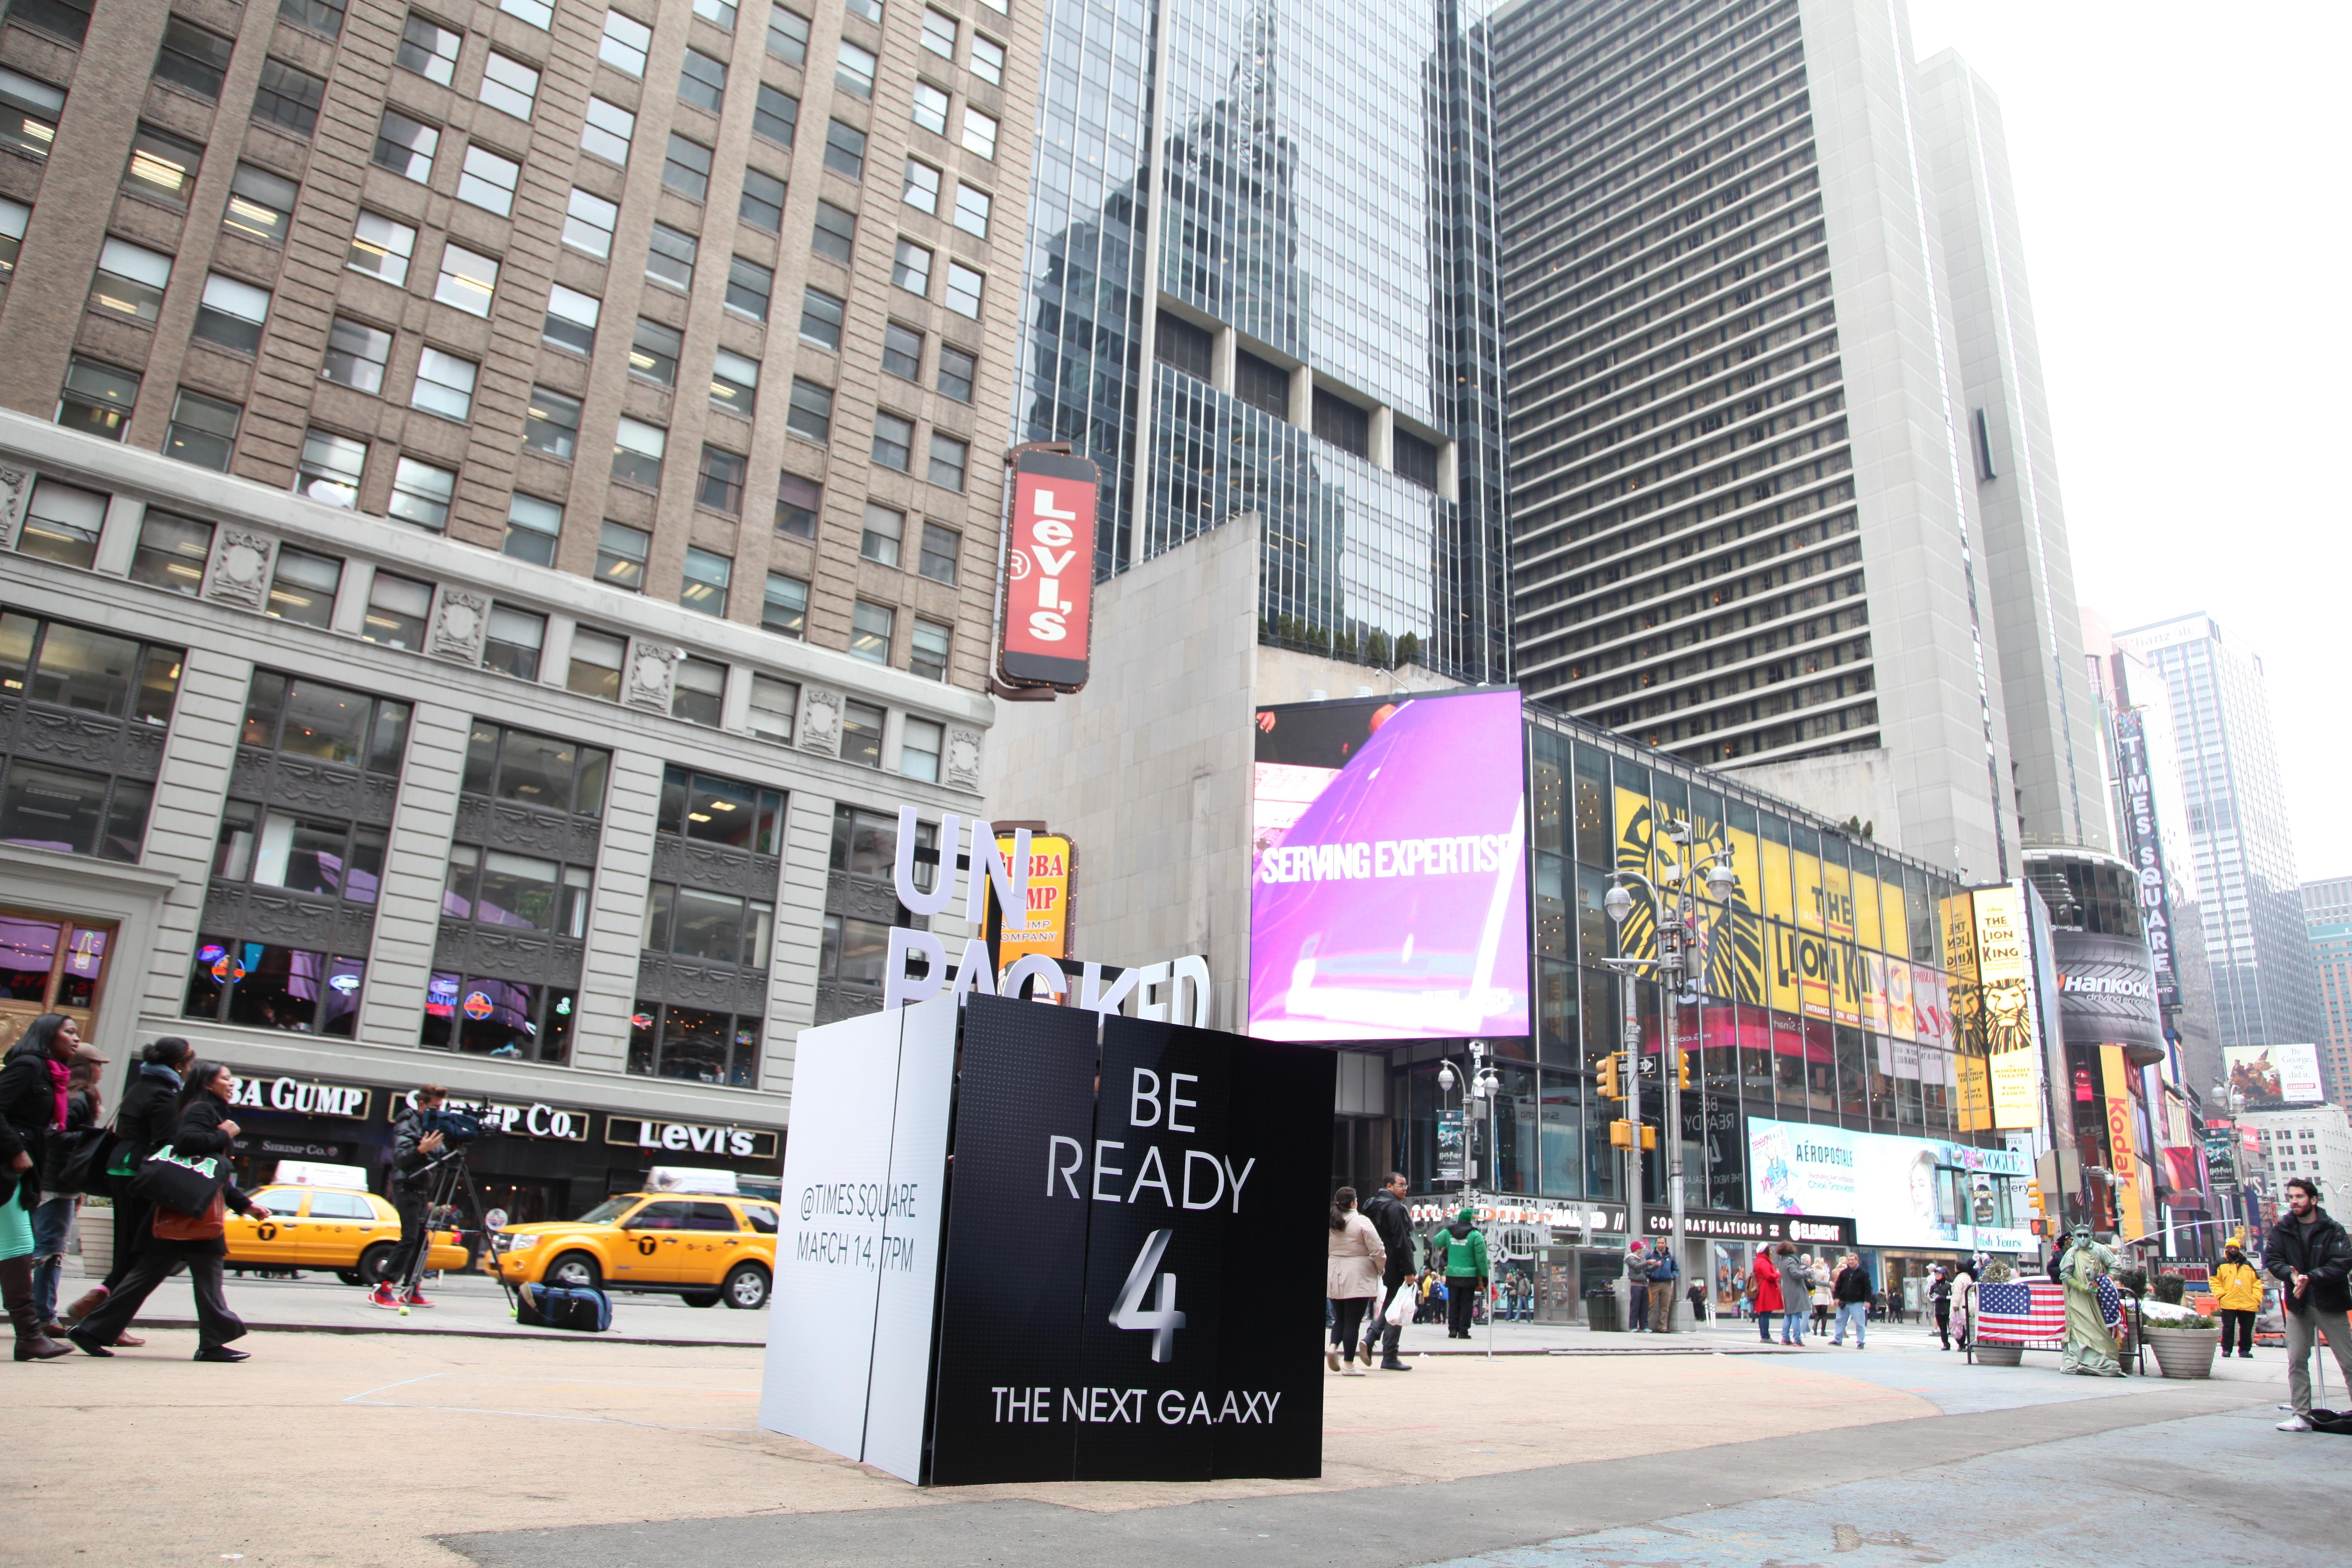 뉴욕에서 행한 'BE READY 4 THE NEXT GALAXY' 퍼포먼스현장